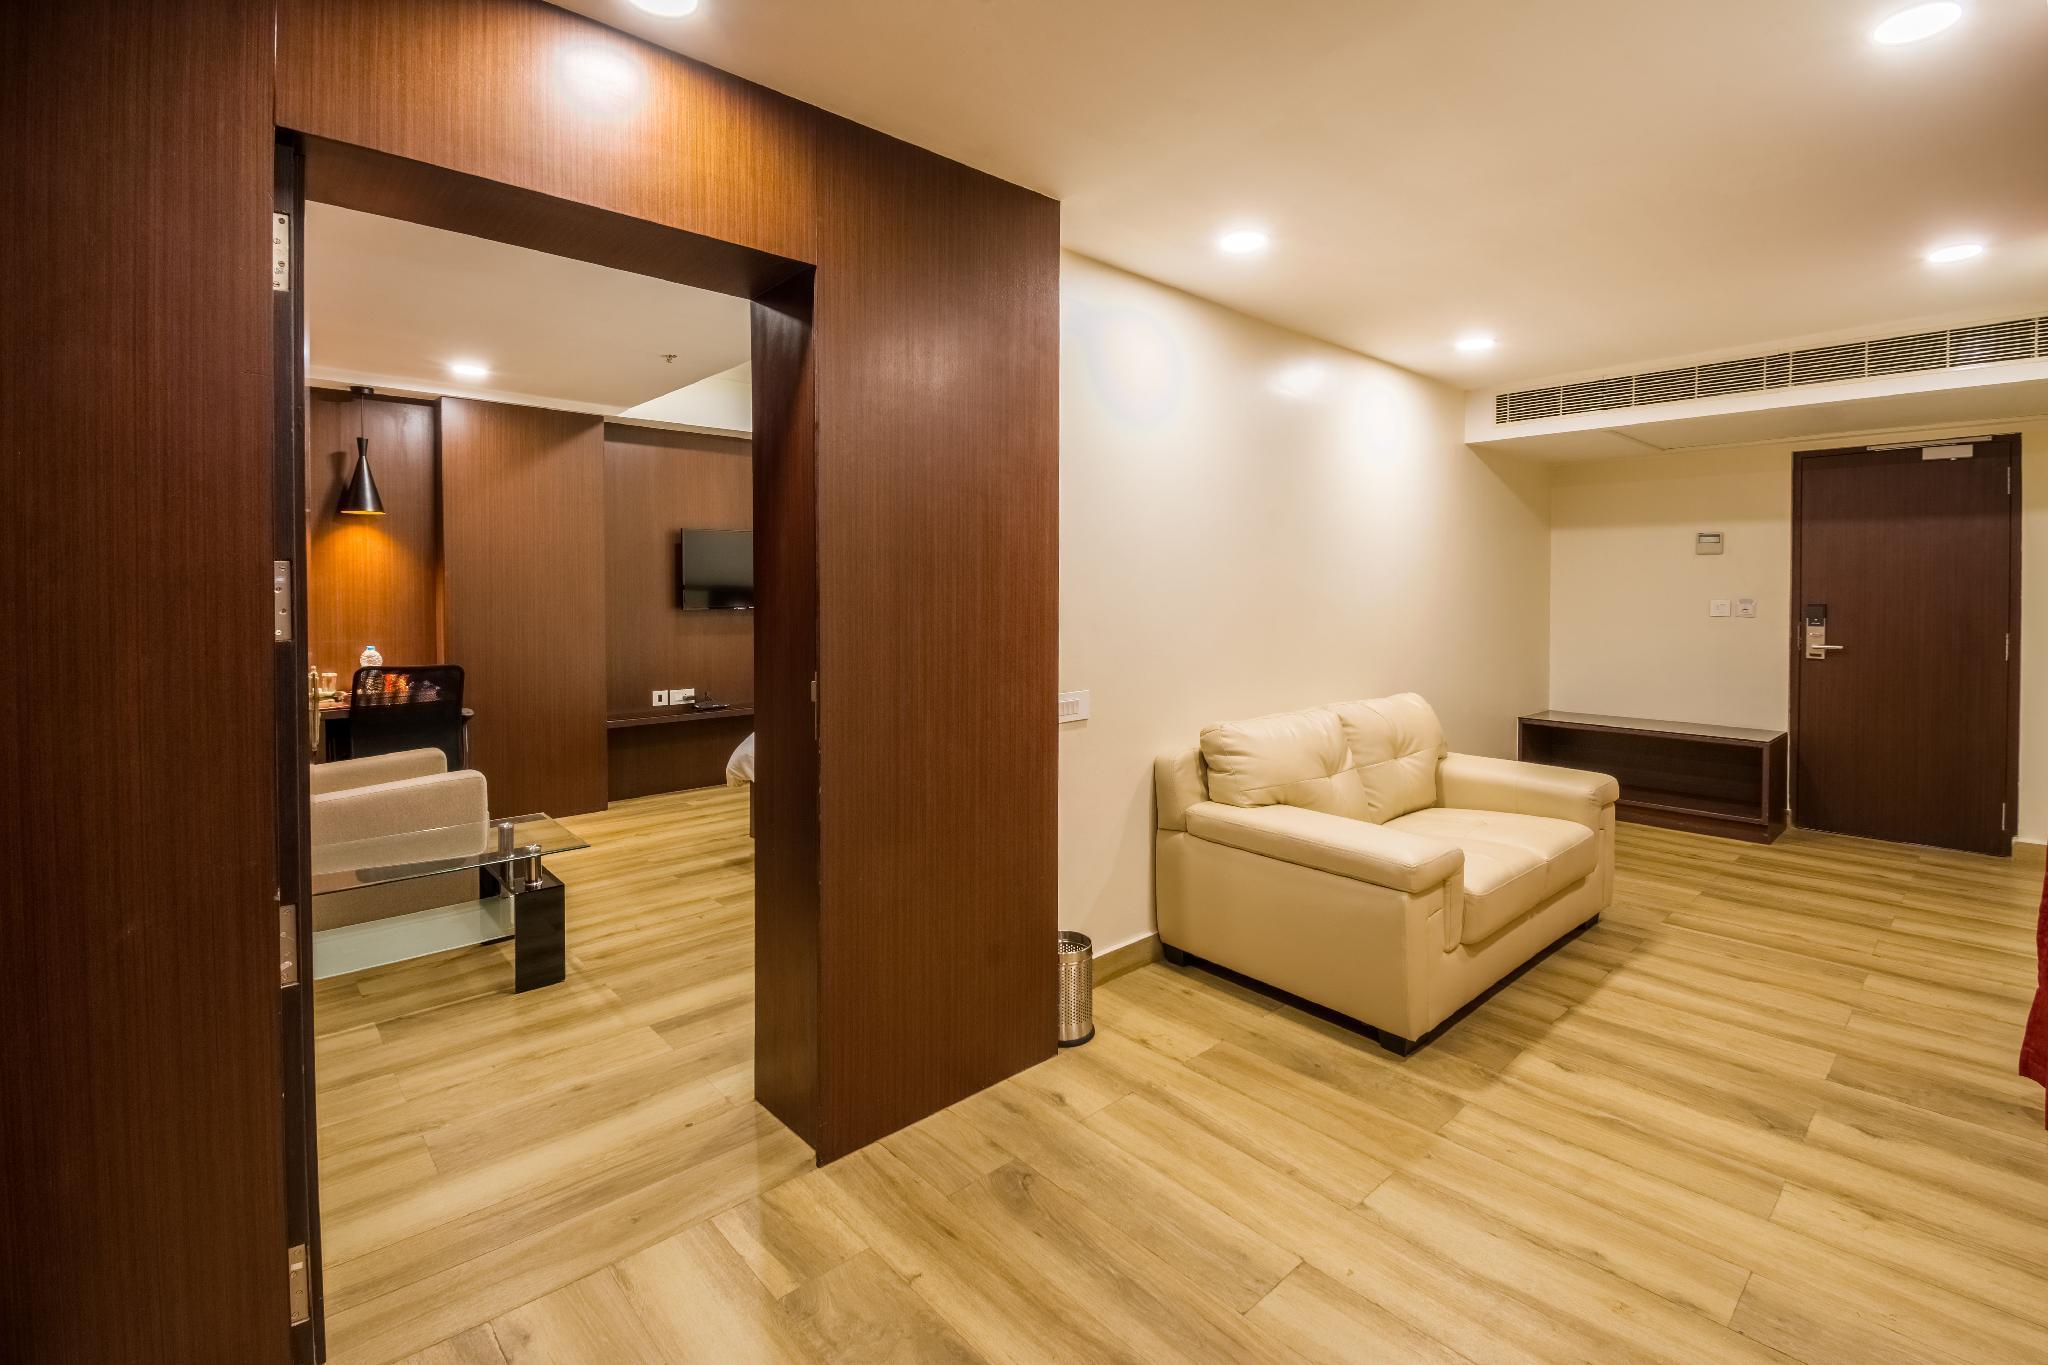 Karunya Residency